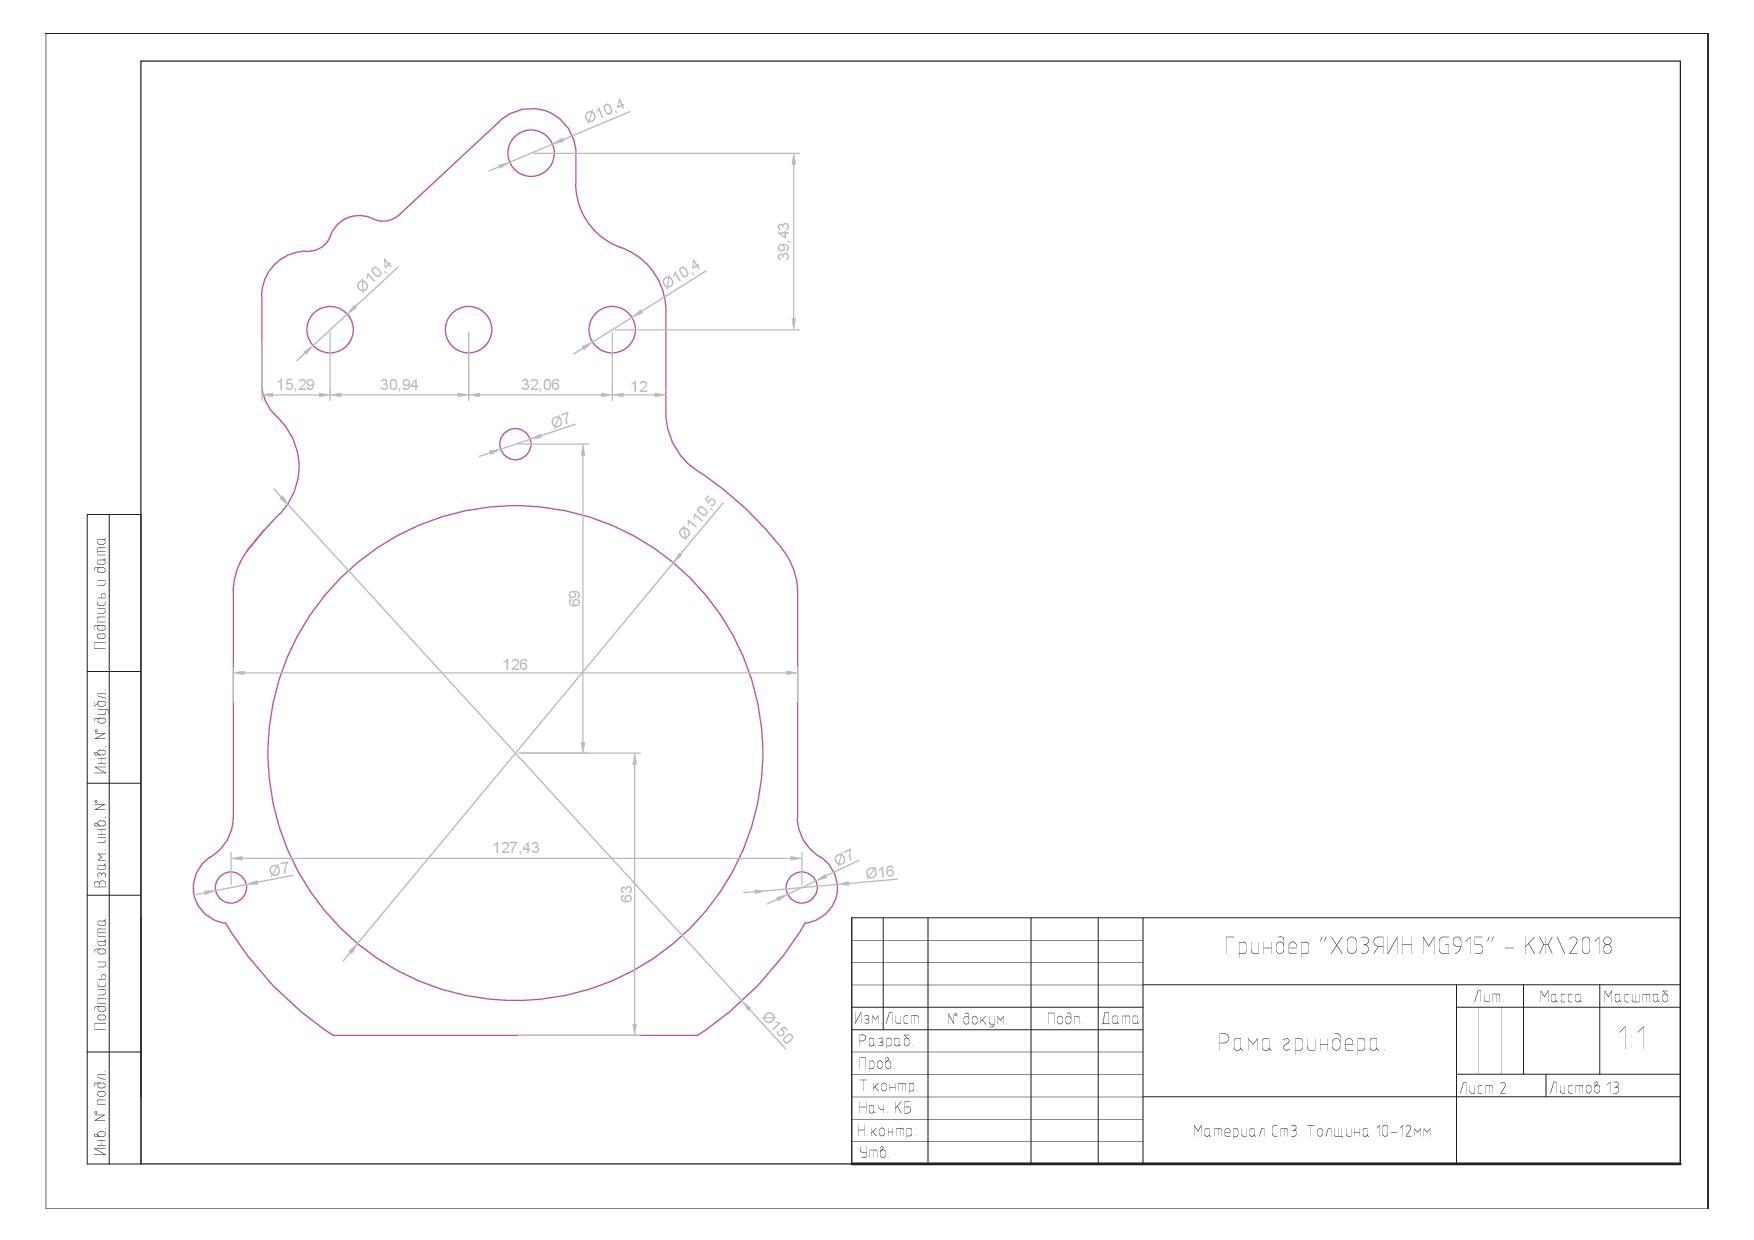 Гриндер своими руками по готовым чертежам с размерами: особенности сборки и назначение